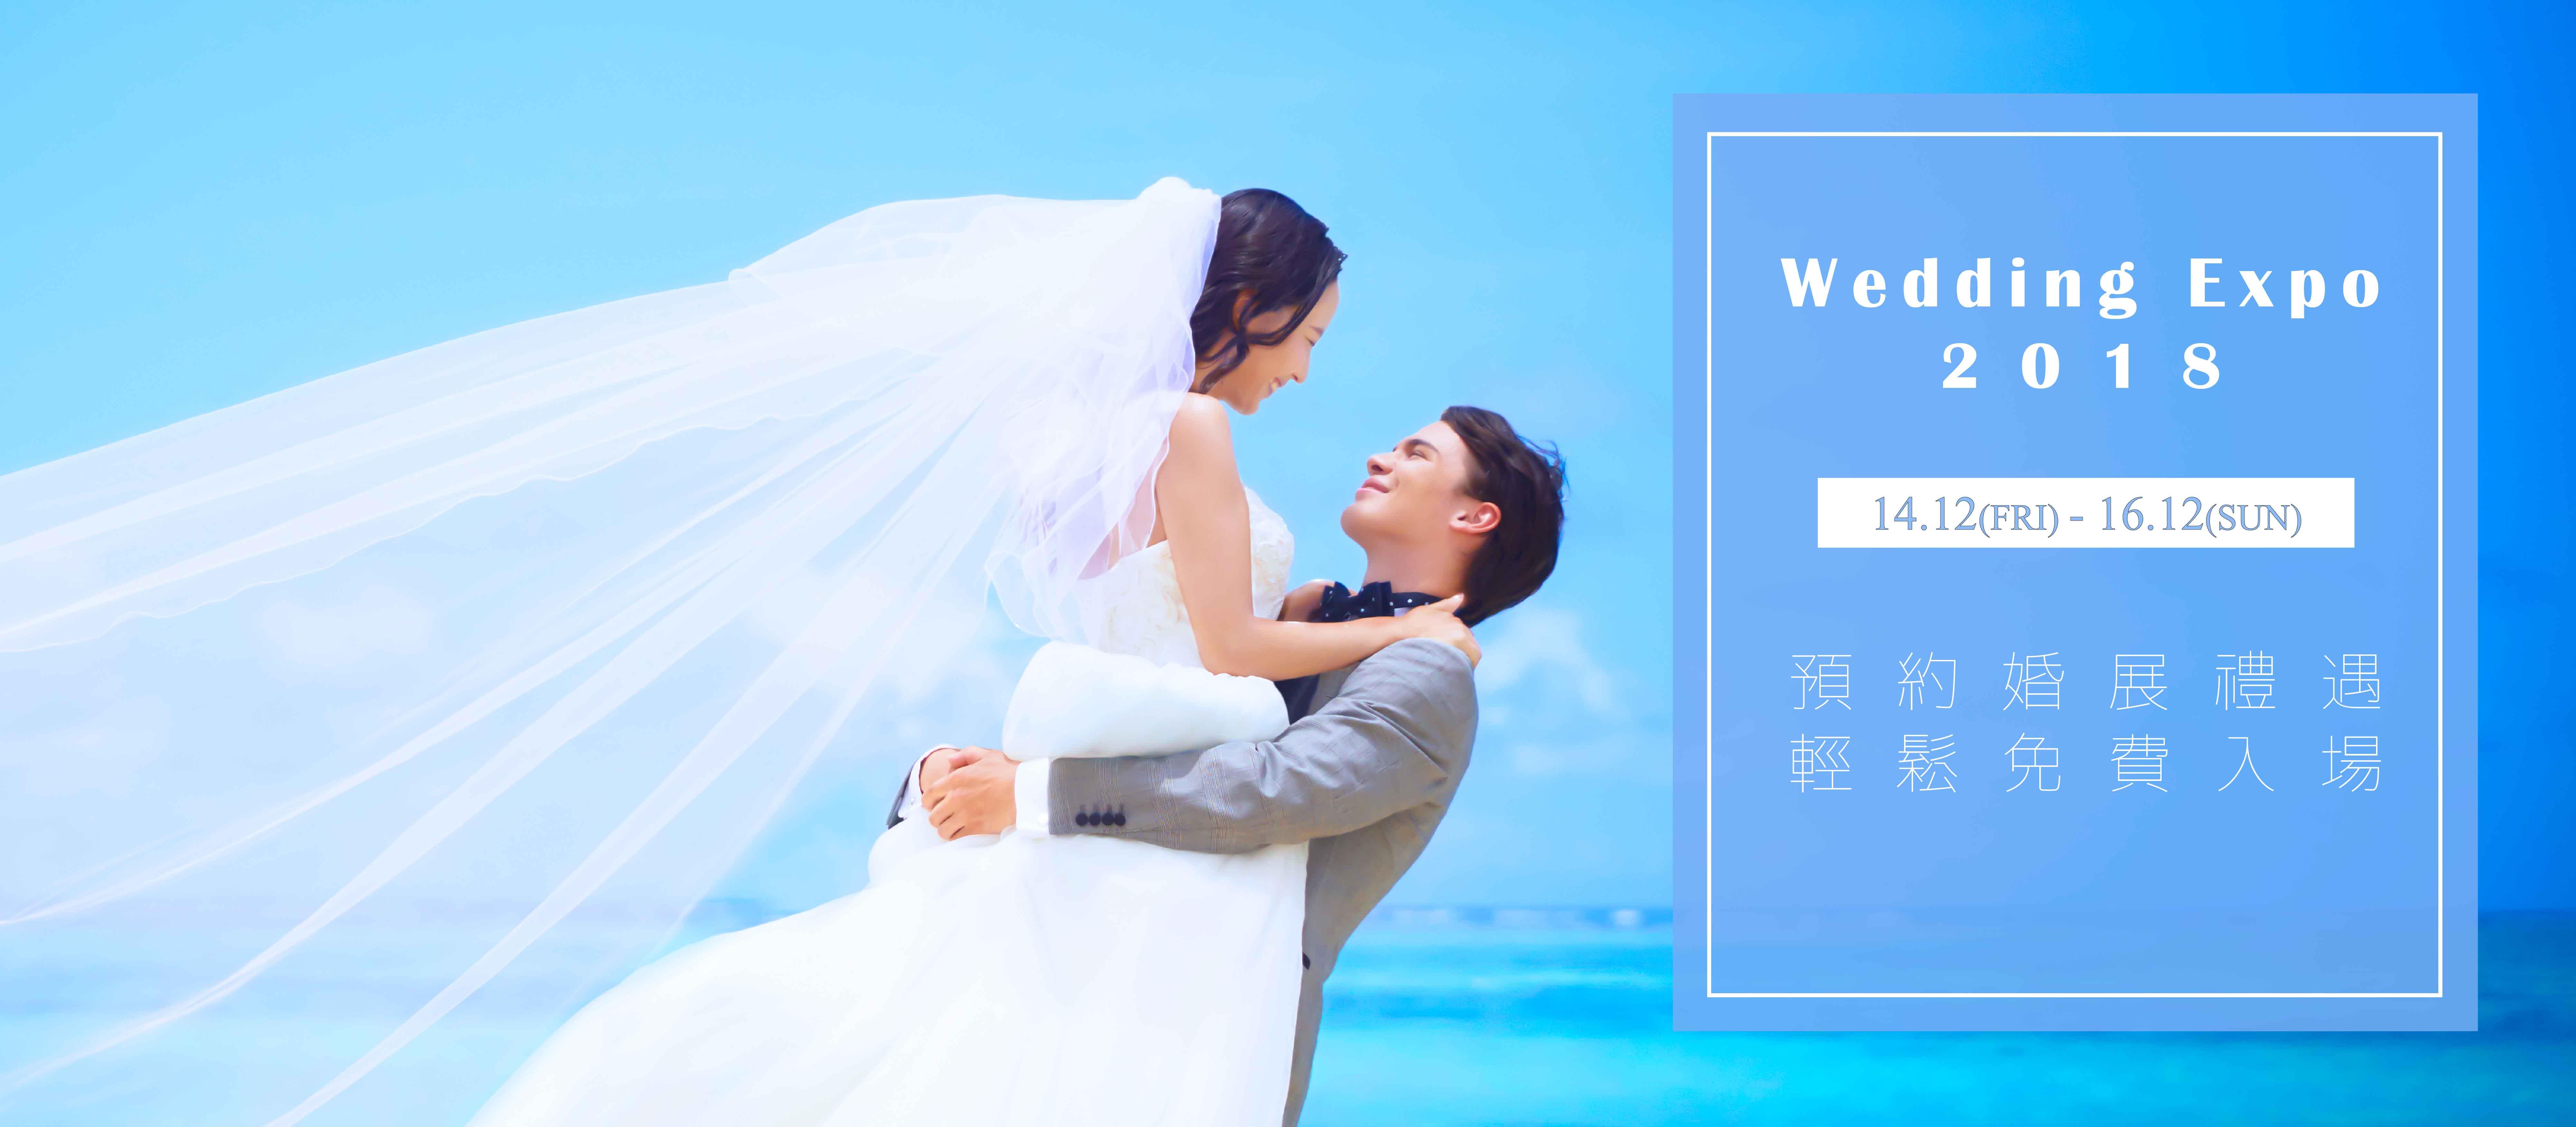 「第93屆香港結婚節暨聖誕婚紗展」: 灣仔會展Hall 1攤位E24